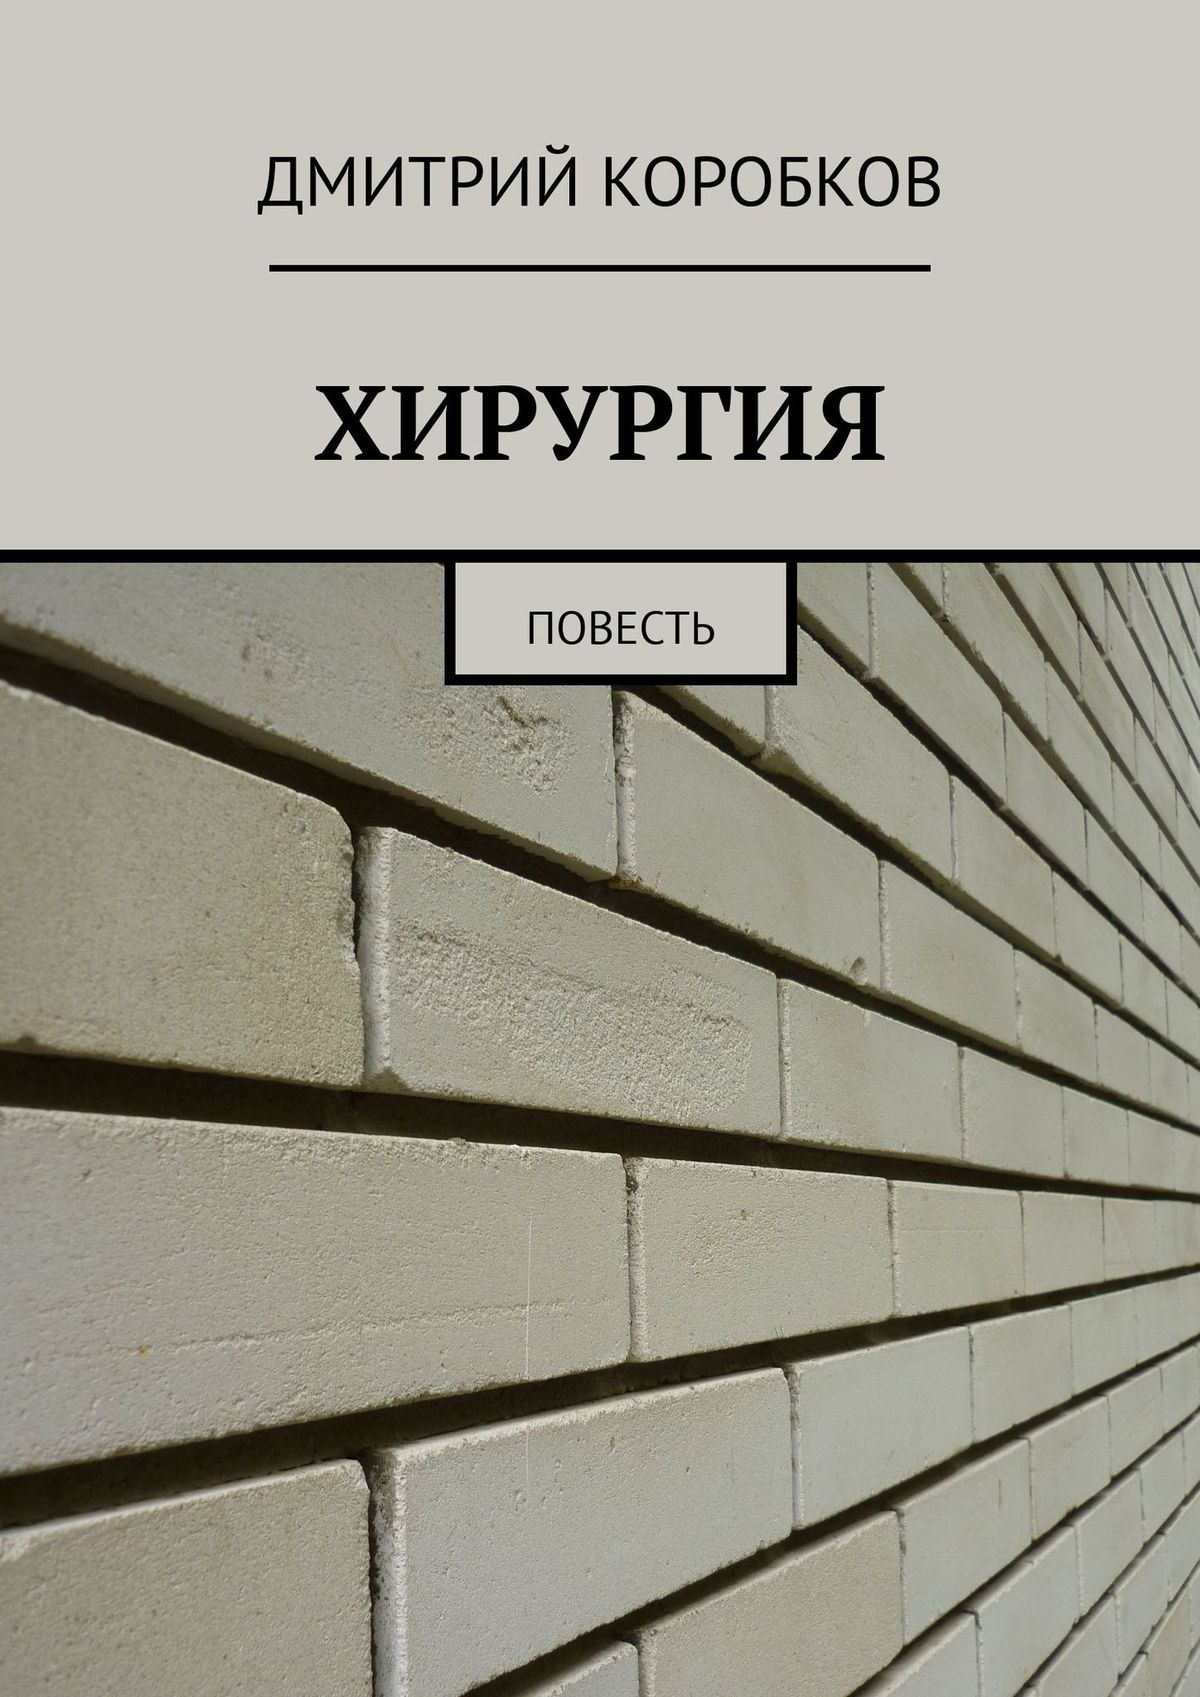 ХИРУРГИЯ. Повесть ( Дмитрий Коробков  )